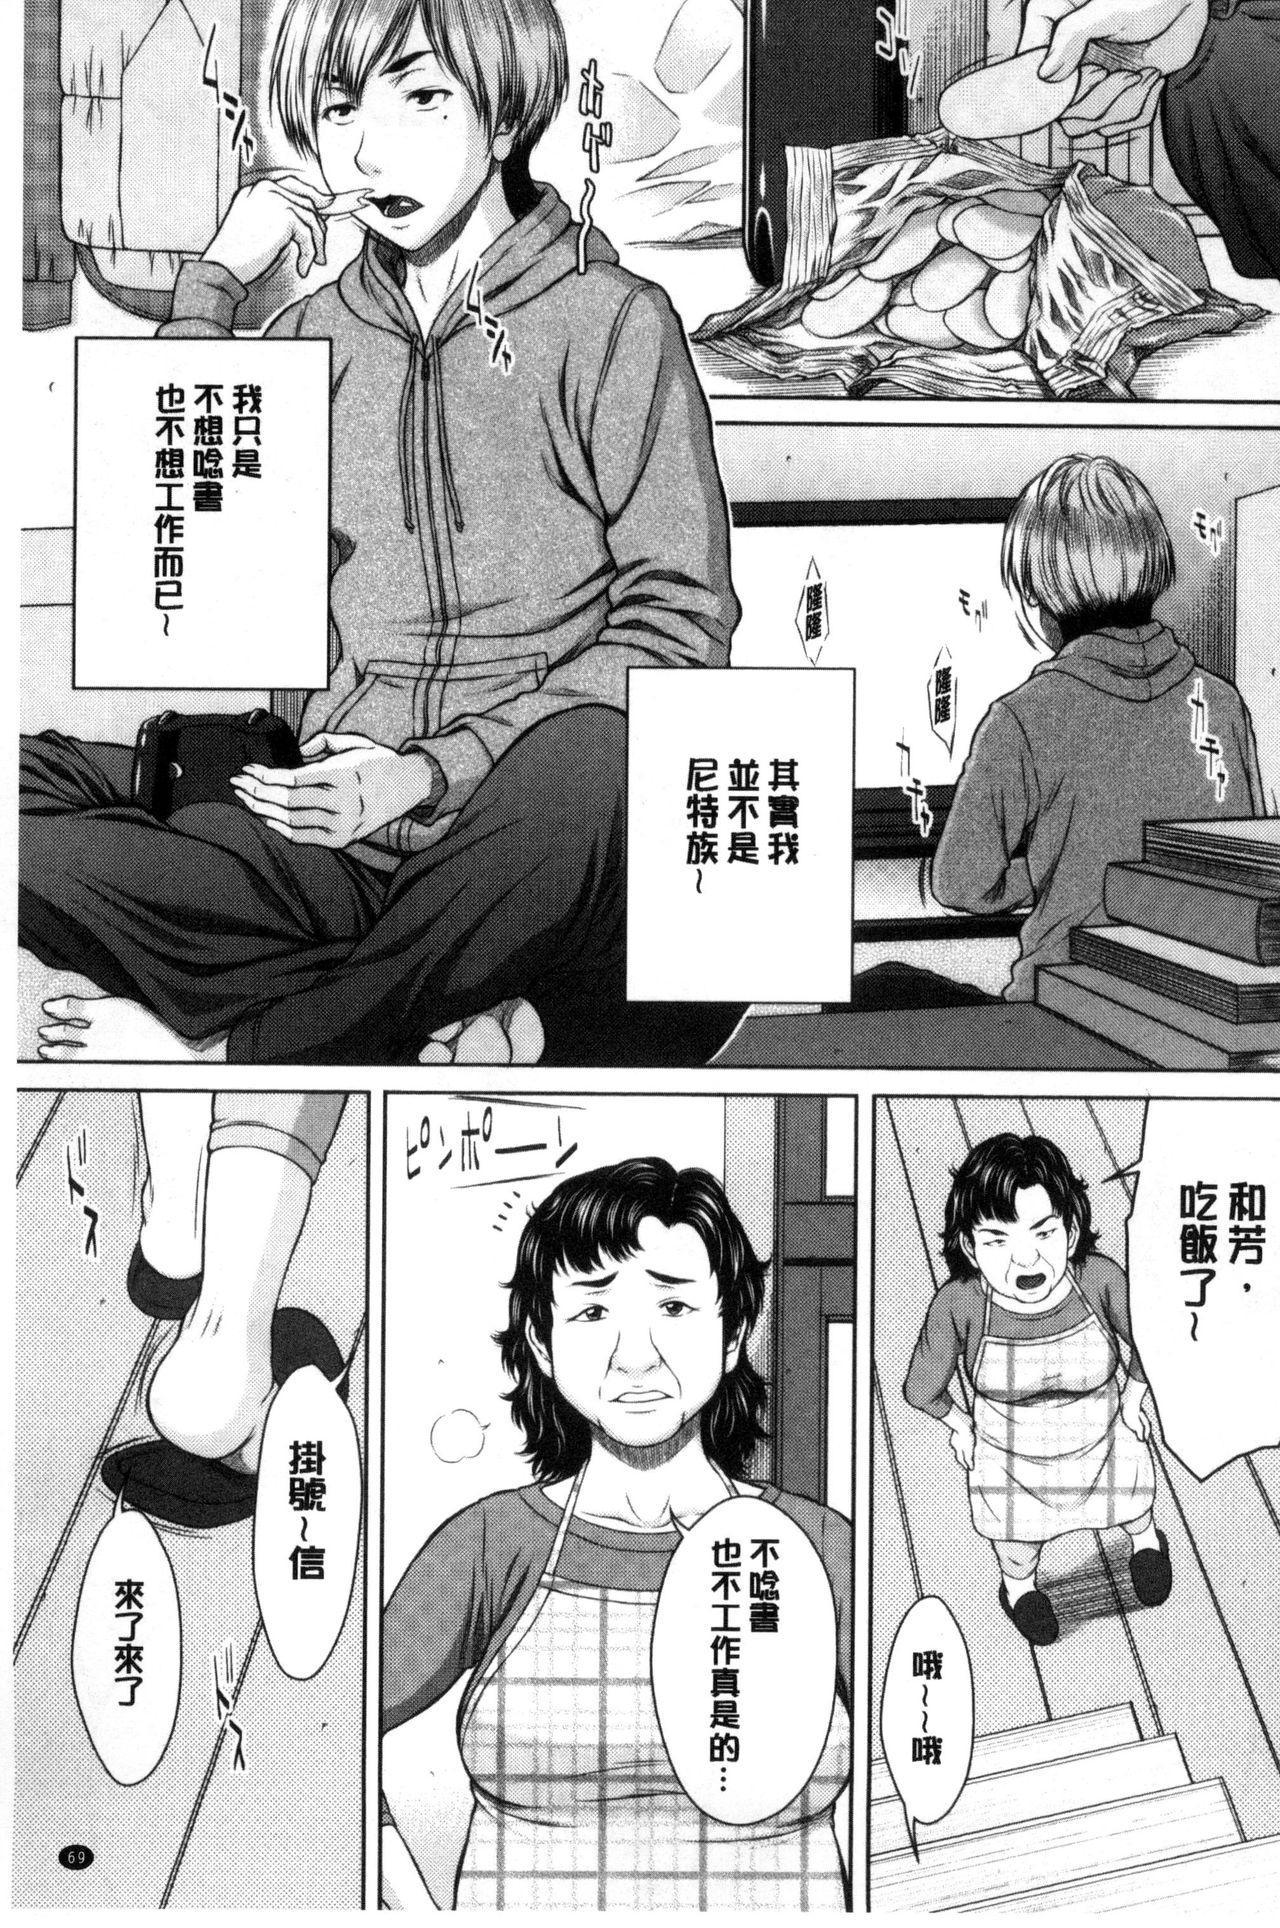 Mesukano Inbina Mesu Kanojotachi To No Hibi 69